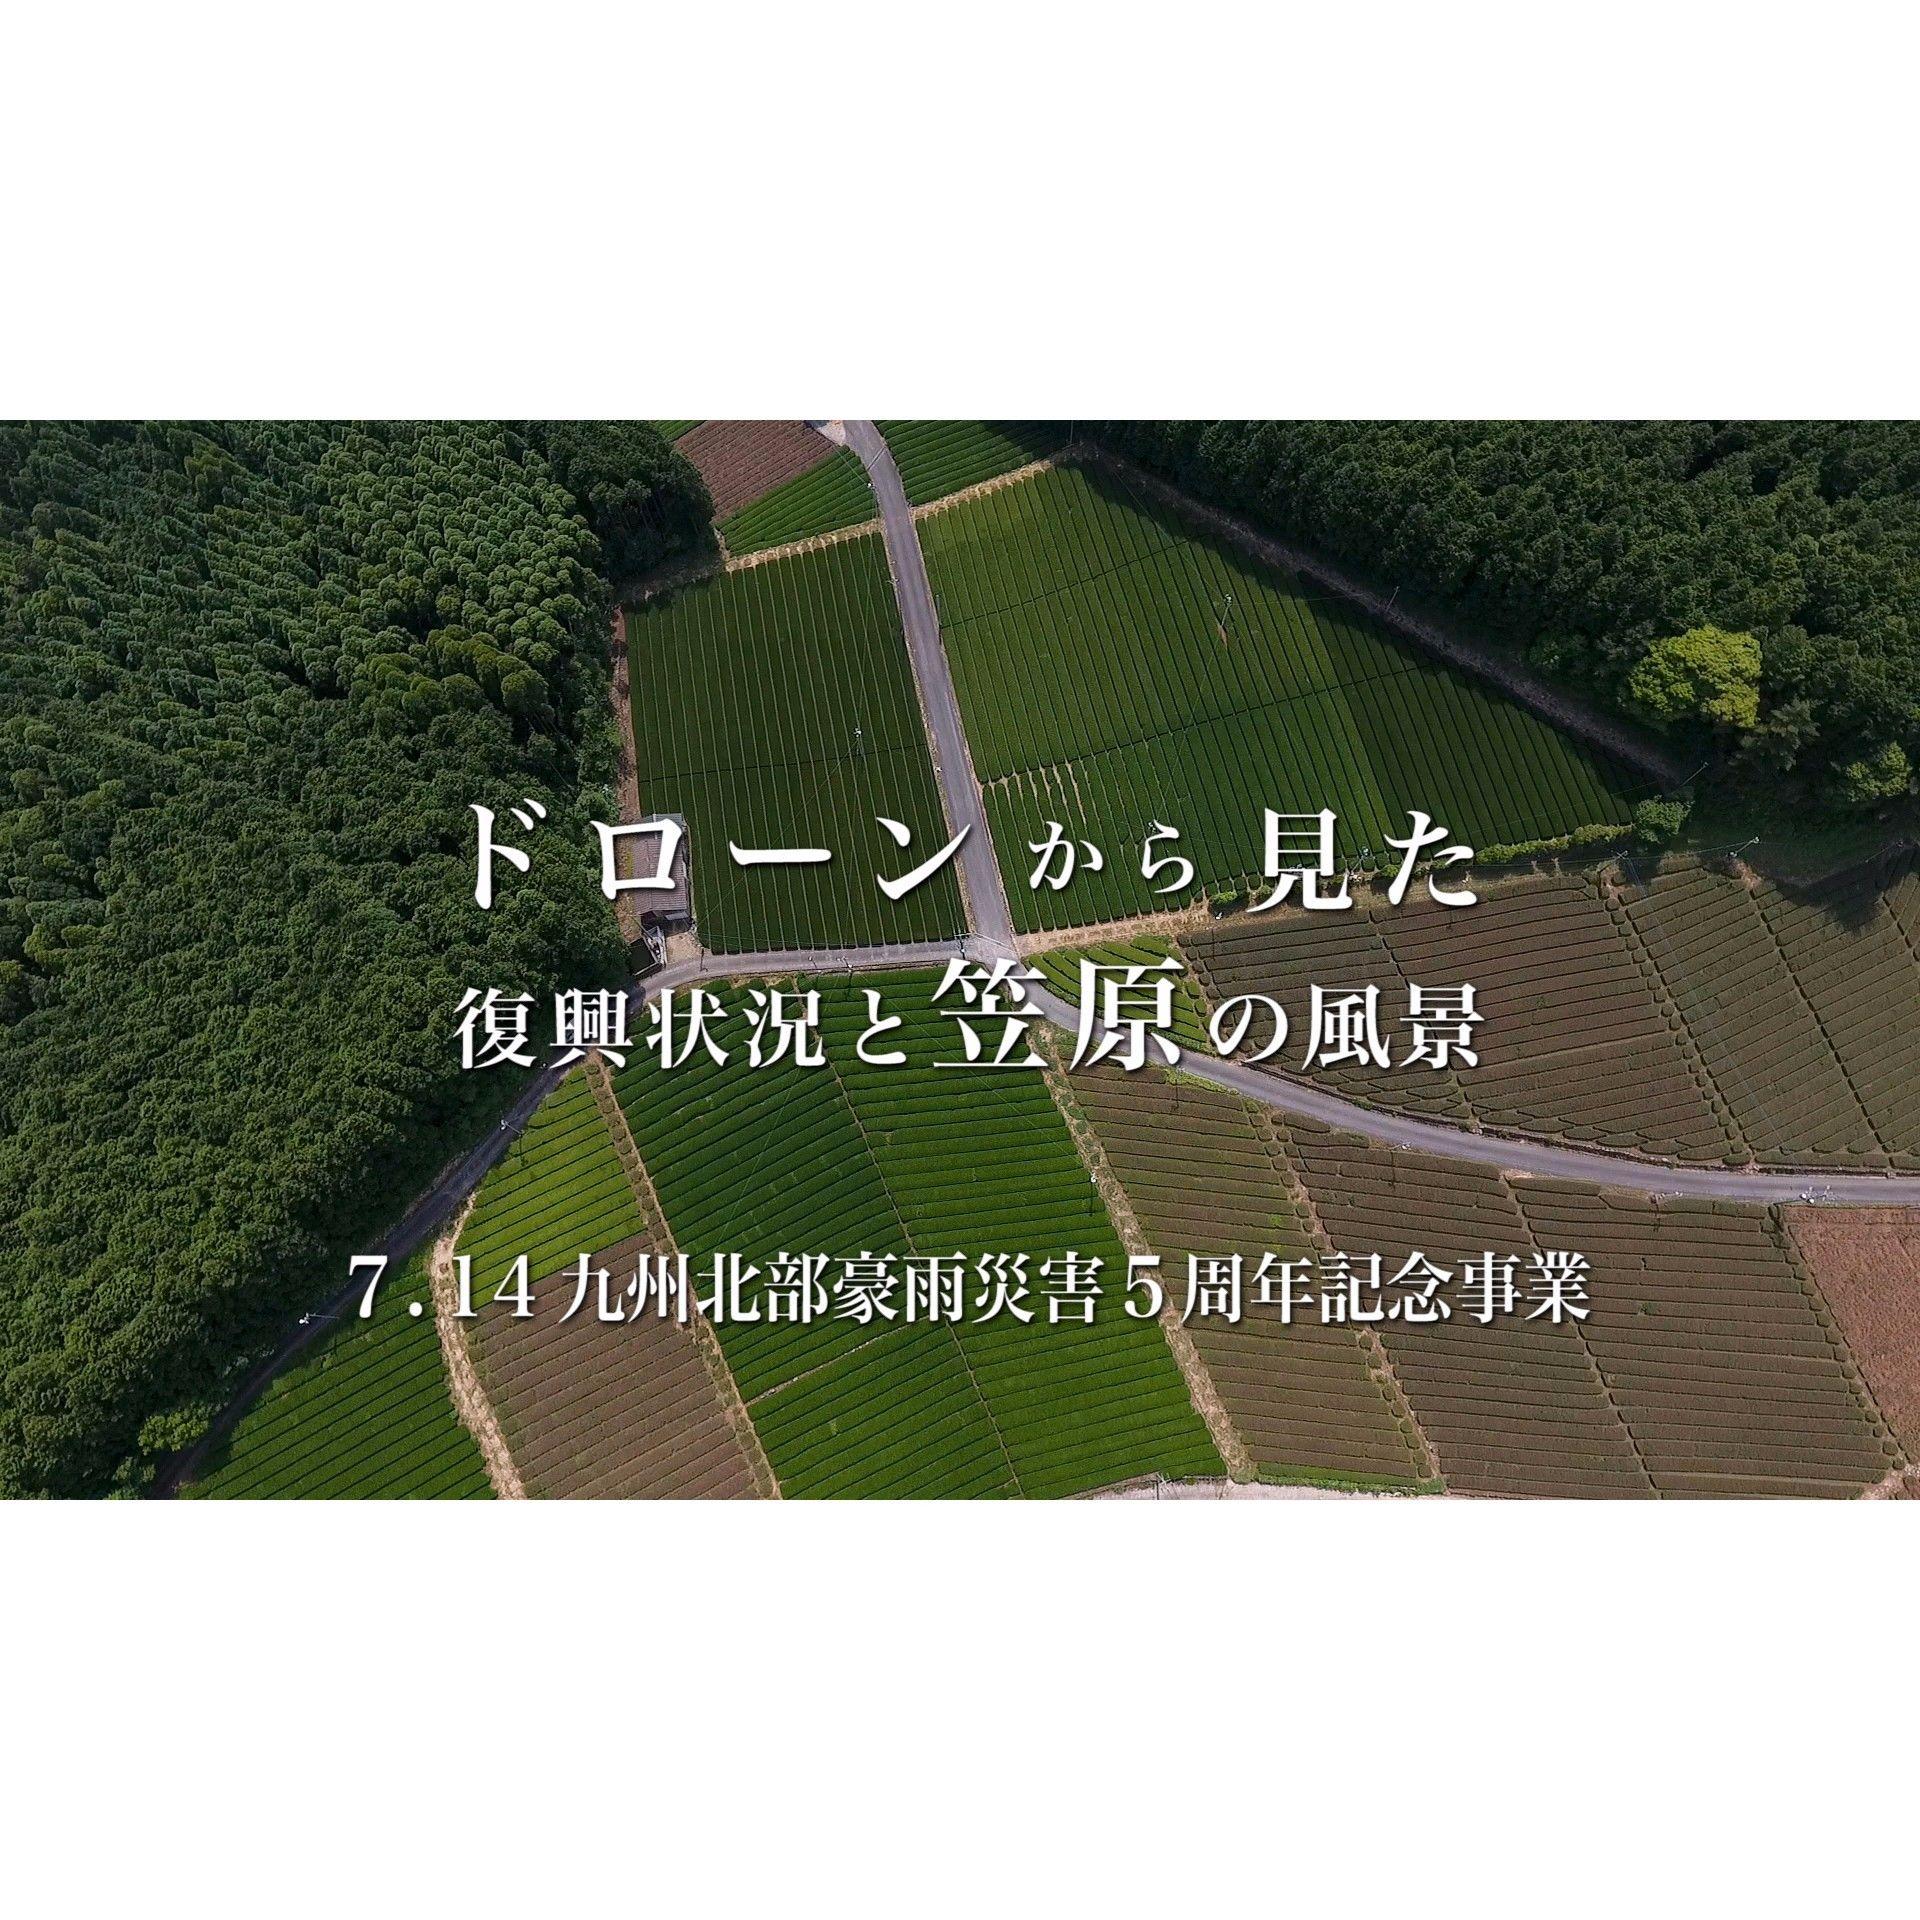 ドローンから見た復興状況と笠原の風景 DVD